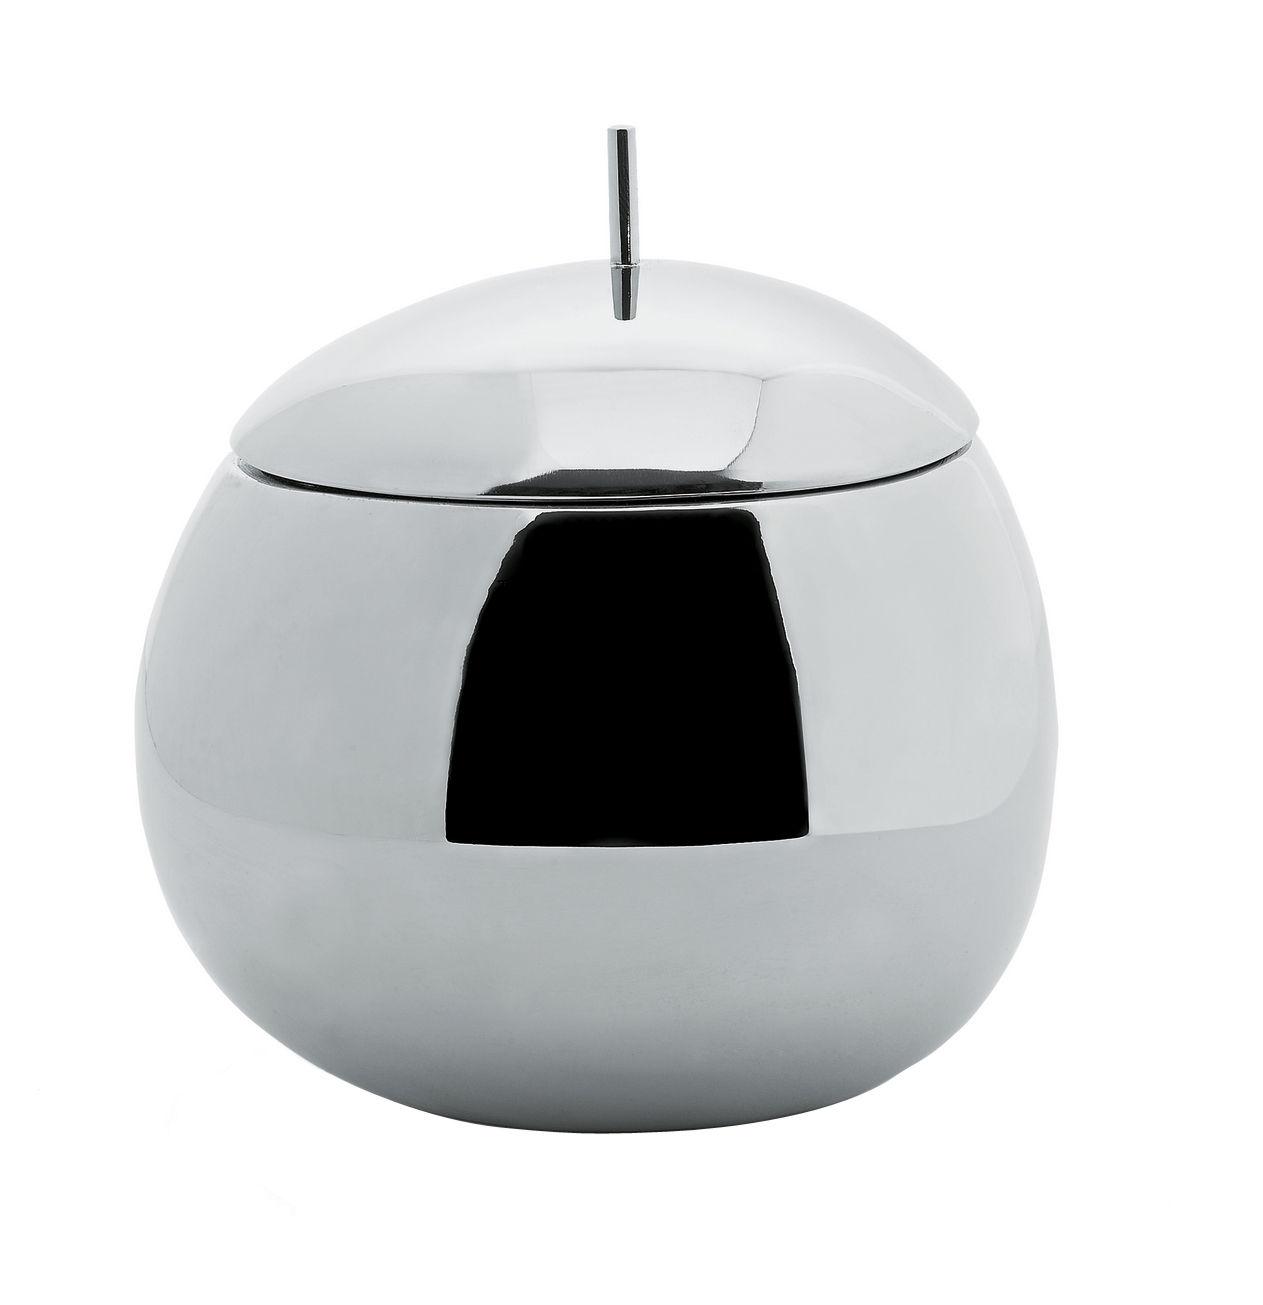 Arts de la table - Boites et pots - Boîte Fruit basket - Alessi - 75 cl. - Acier inoxydable